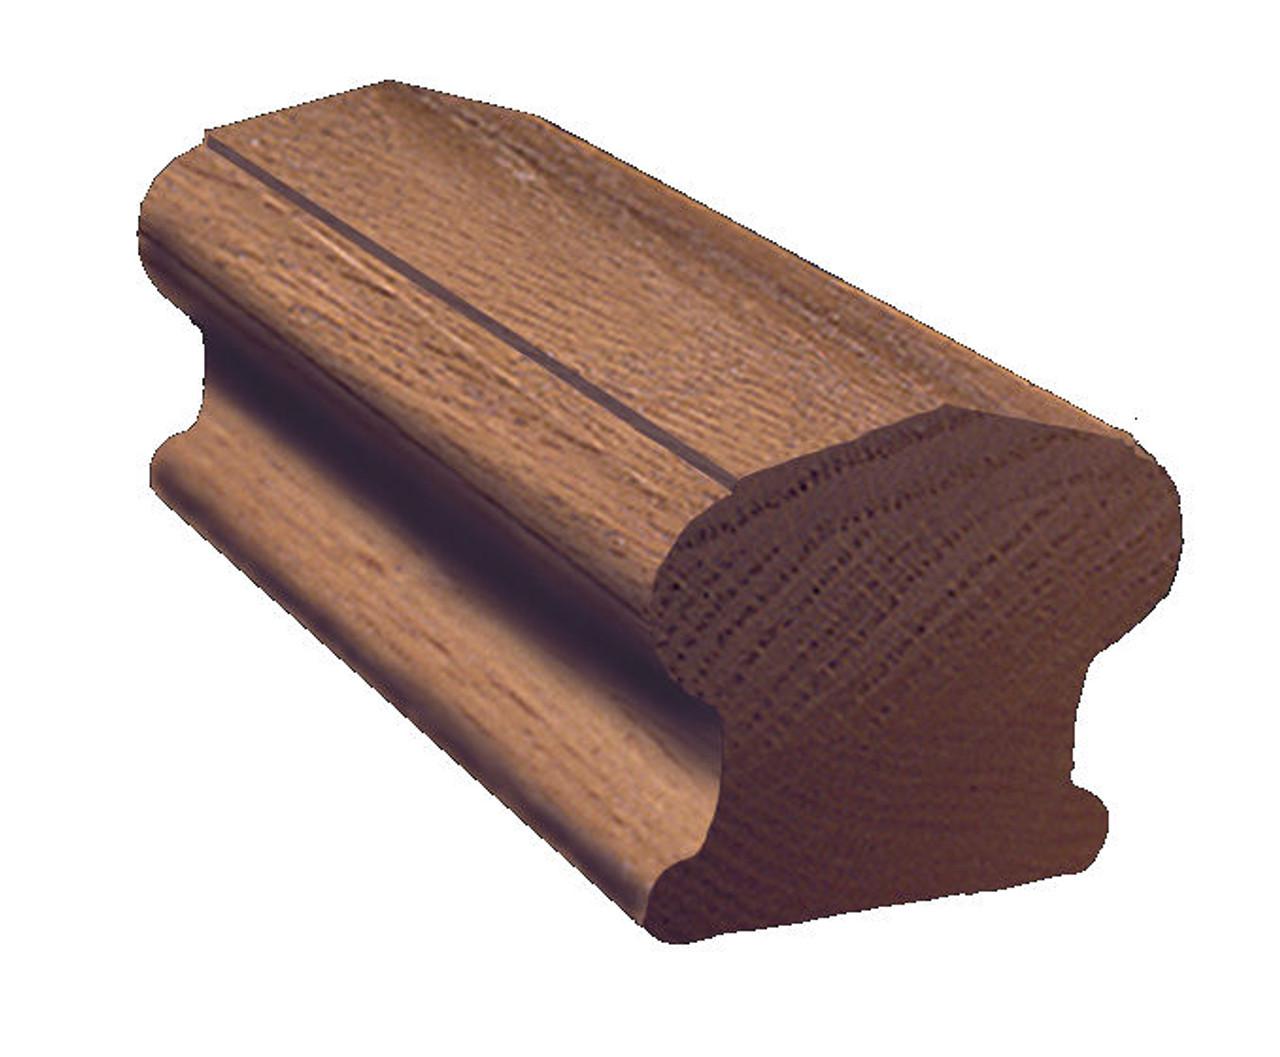 6310 Red Oak Handrail, In stock in 6, 8, 10, 12, 14 & 16-foot lengths